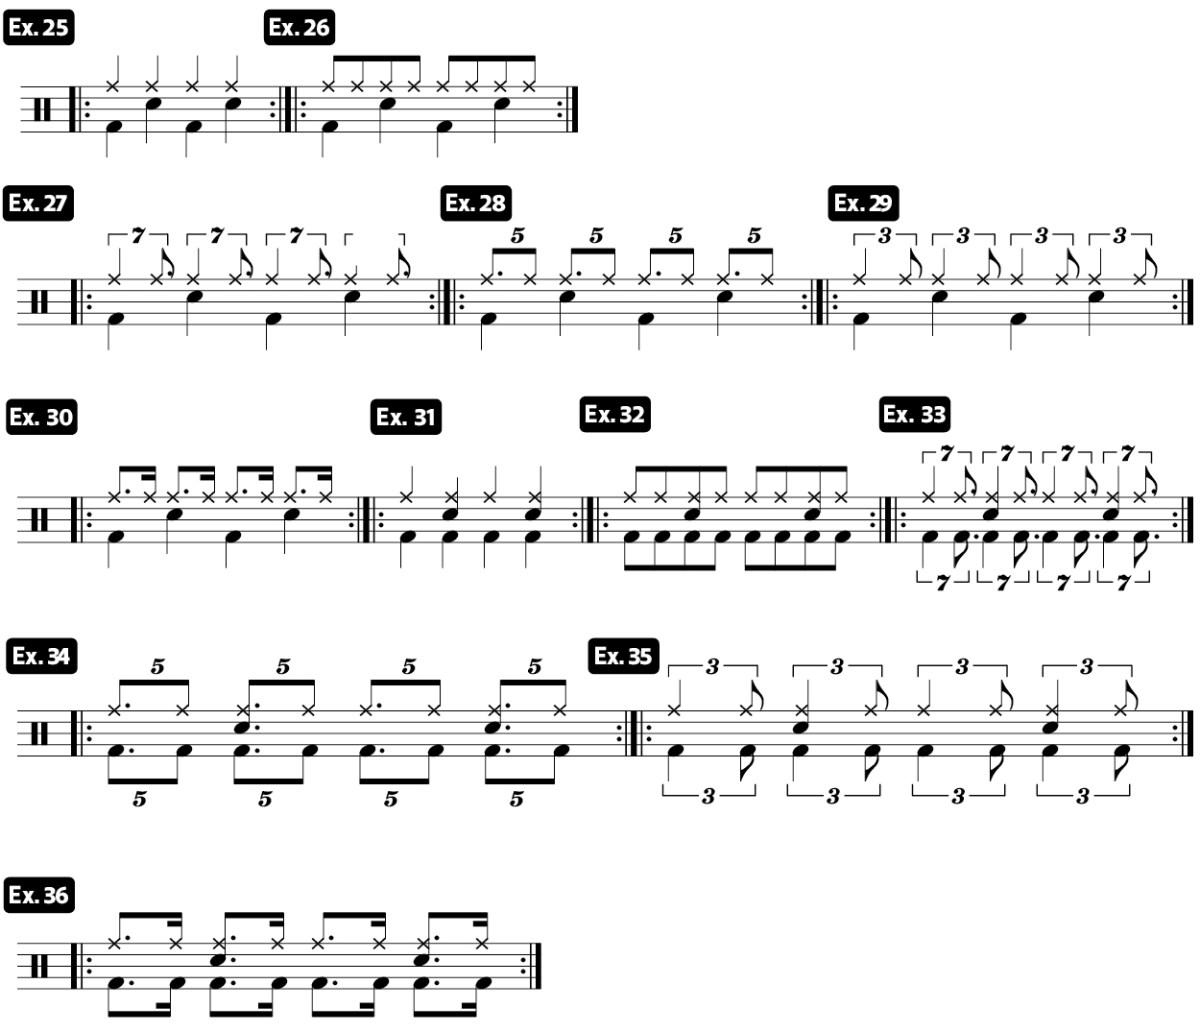 drag beat practice pad drum lesson video ex25_36